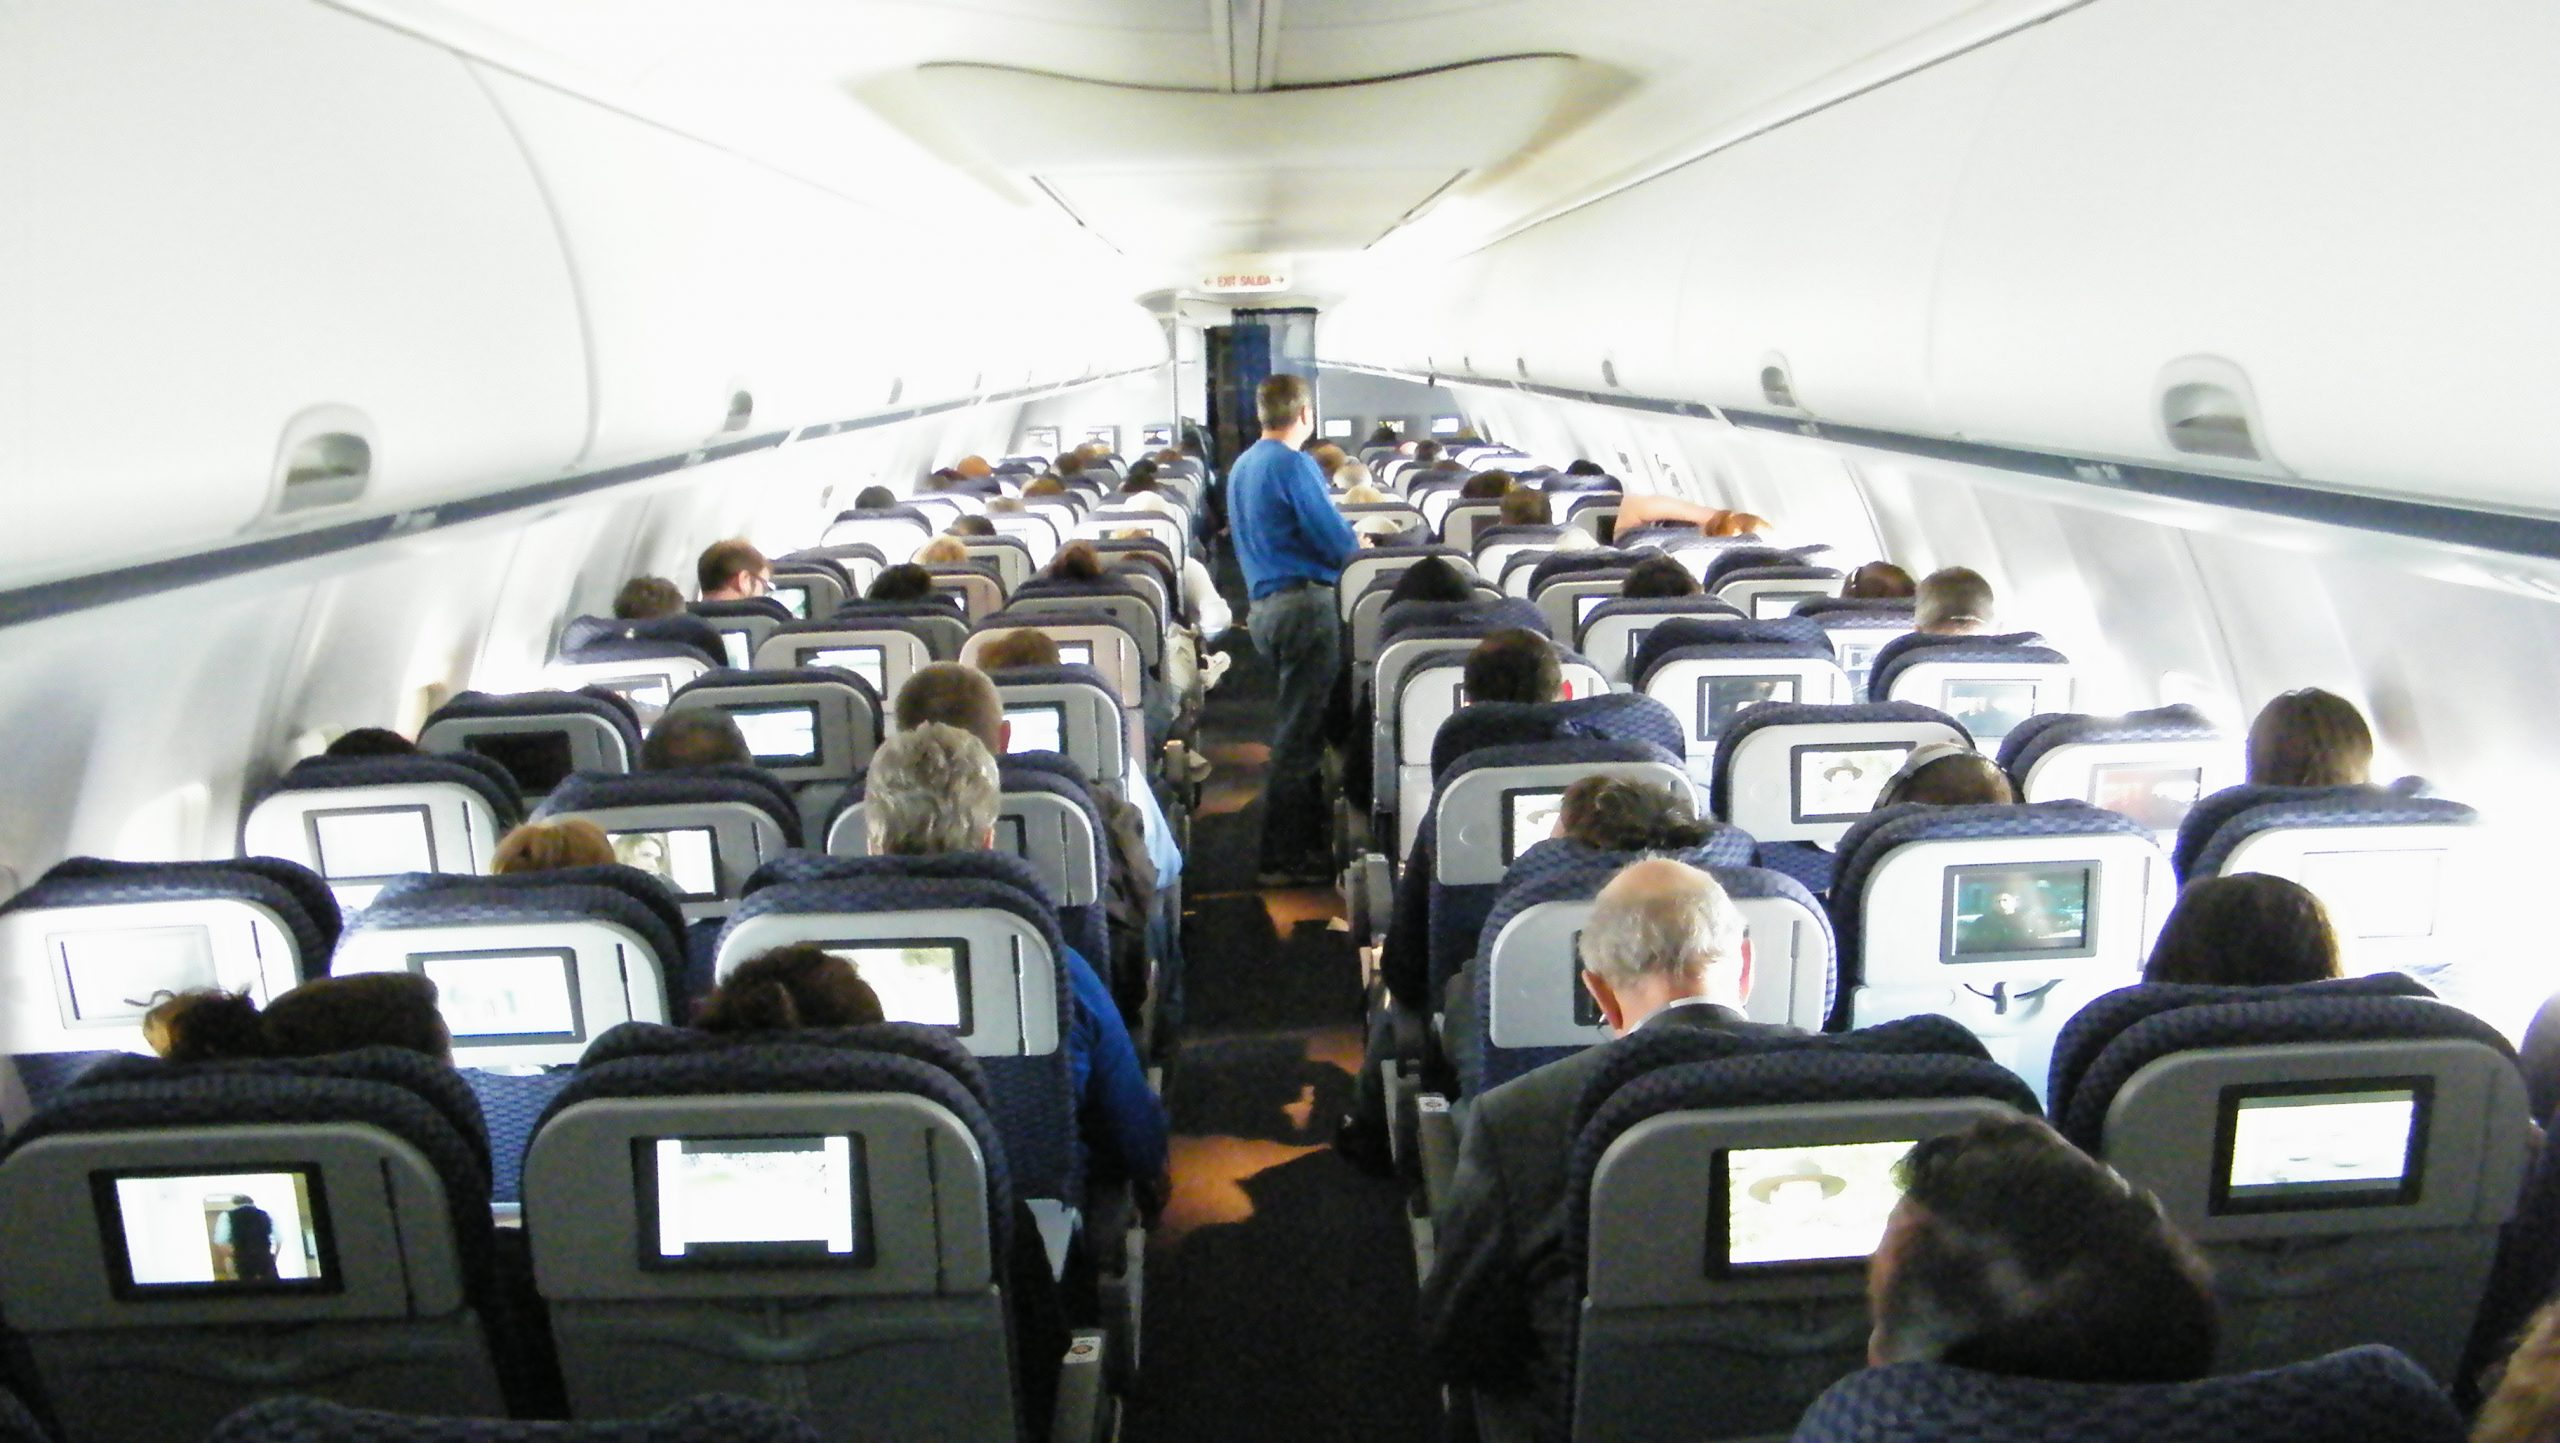 Flypassagerer skal passe godt på bonuspoint, for eksempel med stærke passwords, så de ikke risikerer at blive stjålet af hackere. Arkivfoto fra en amerikansk indenrigsflyvning: Henrik Baumgarten.